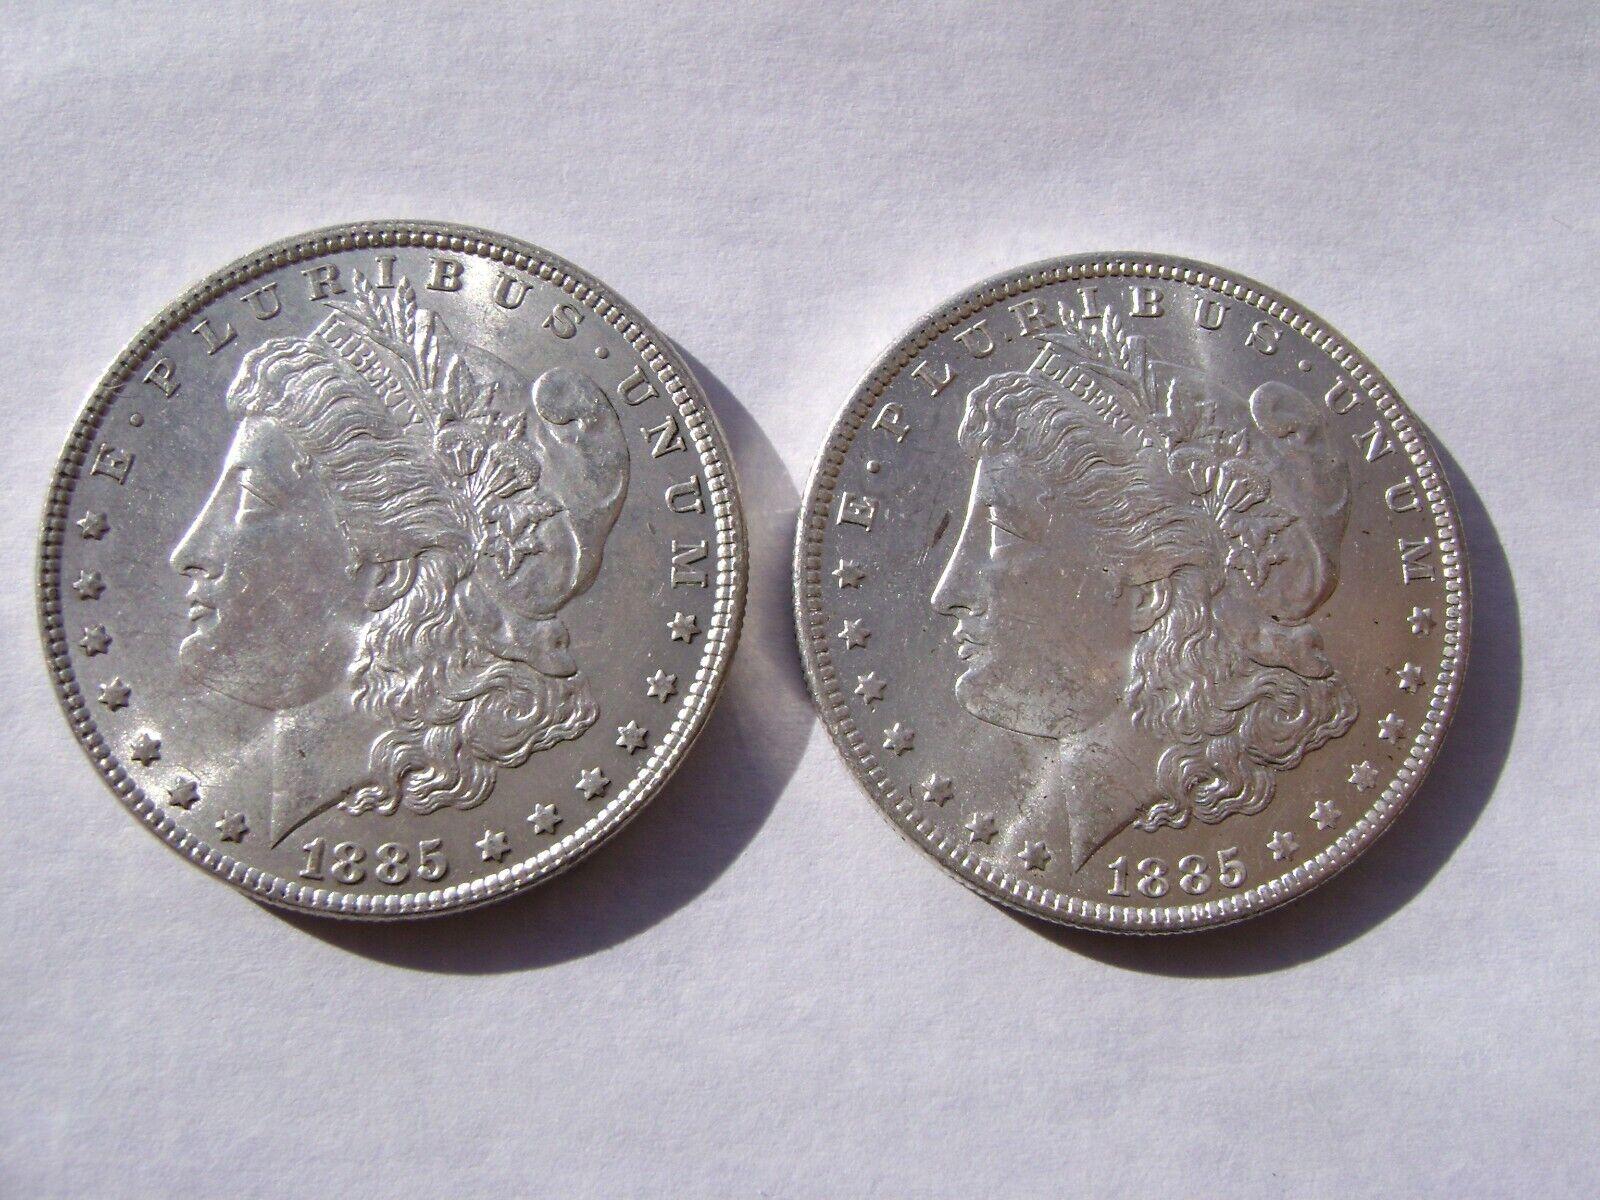 2 Lot 1885 P And O US Morgan Silver Dollar Choice BU Coins Nice  - $72.20